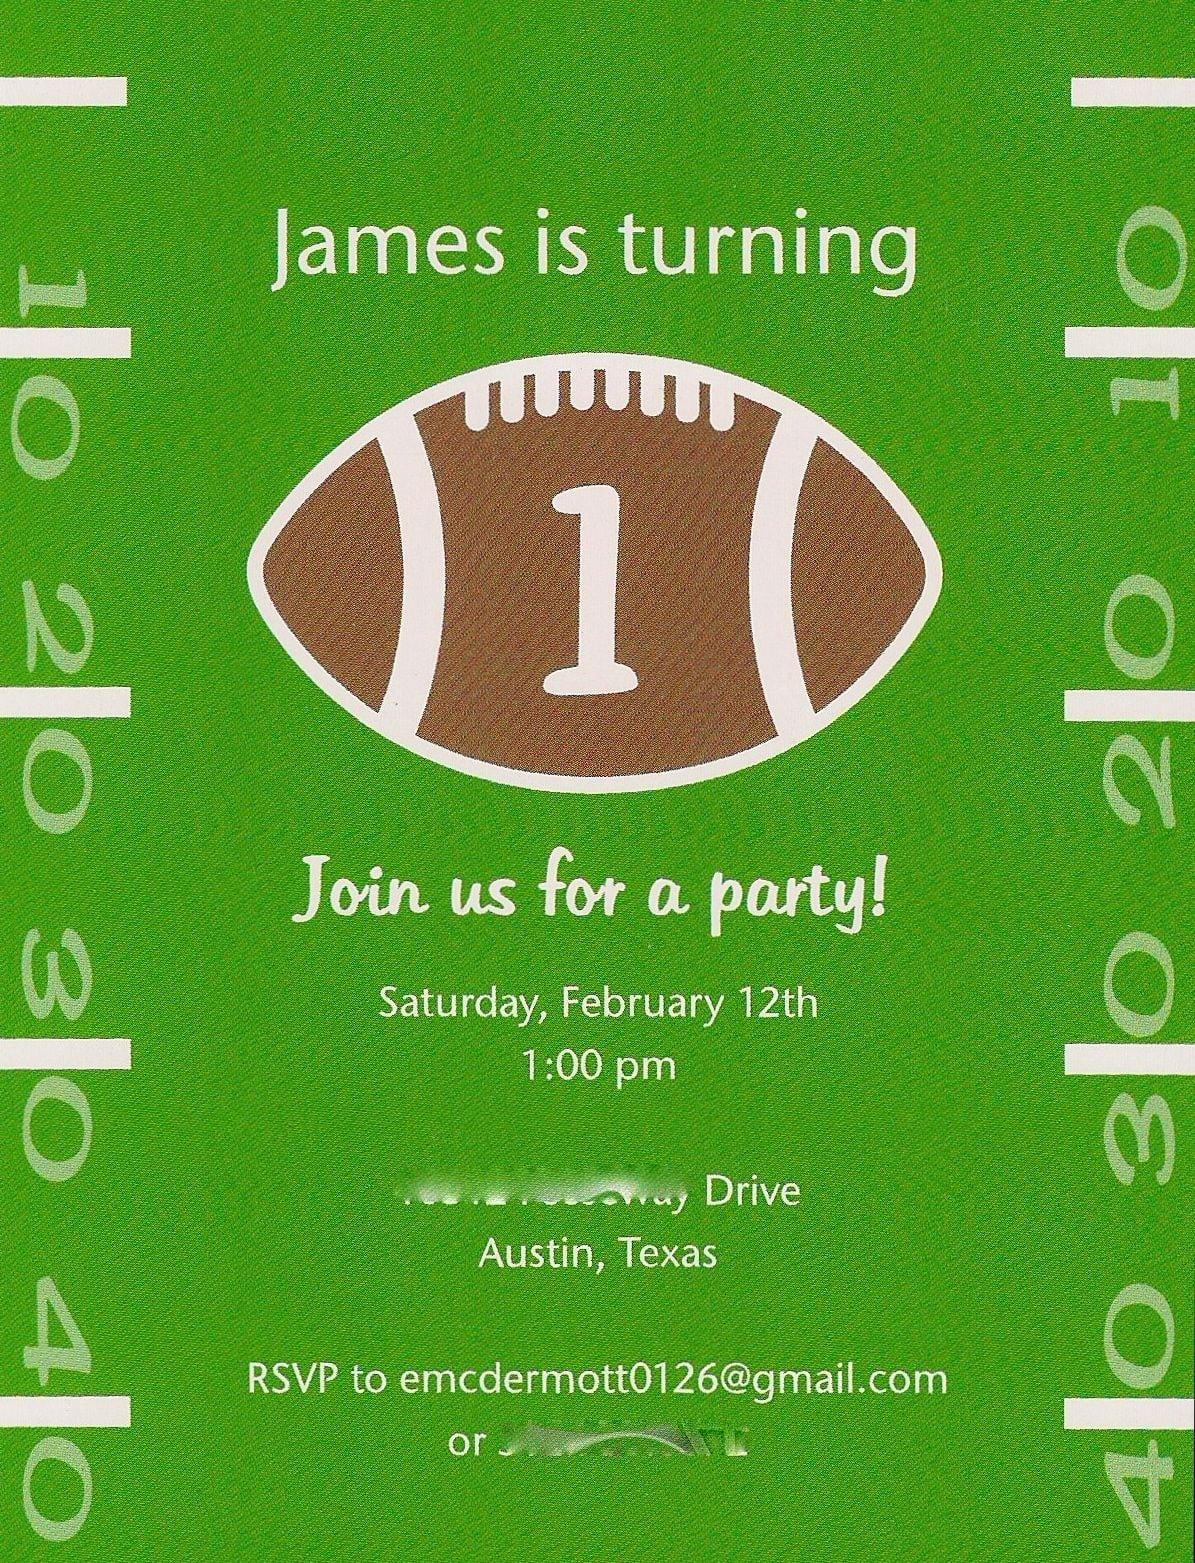 Football Themed Birthday Invitations Free